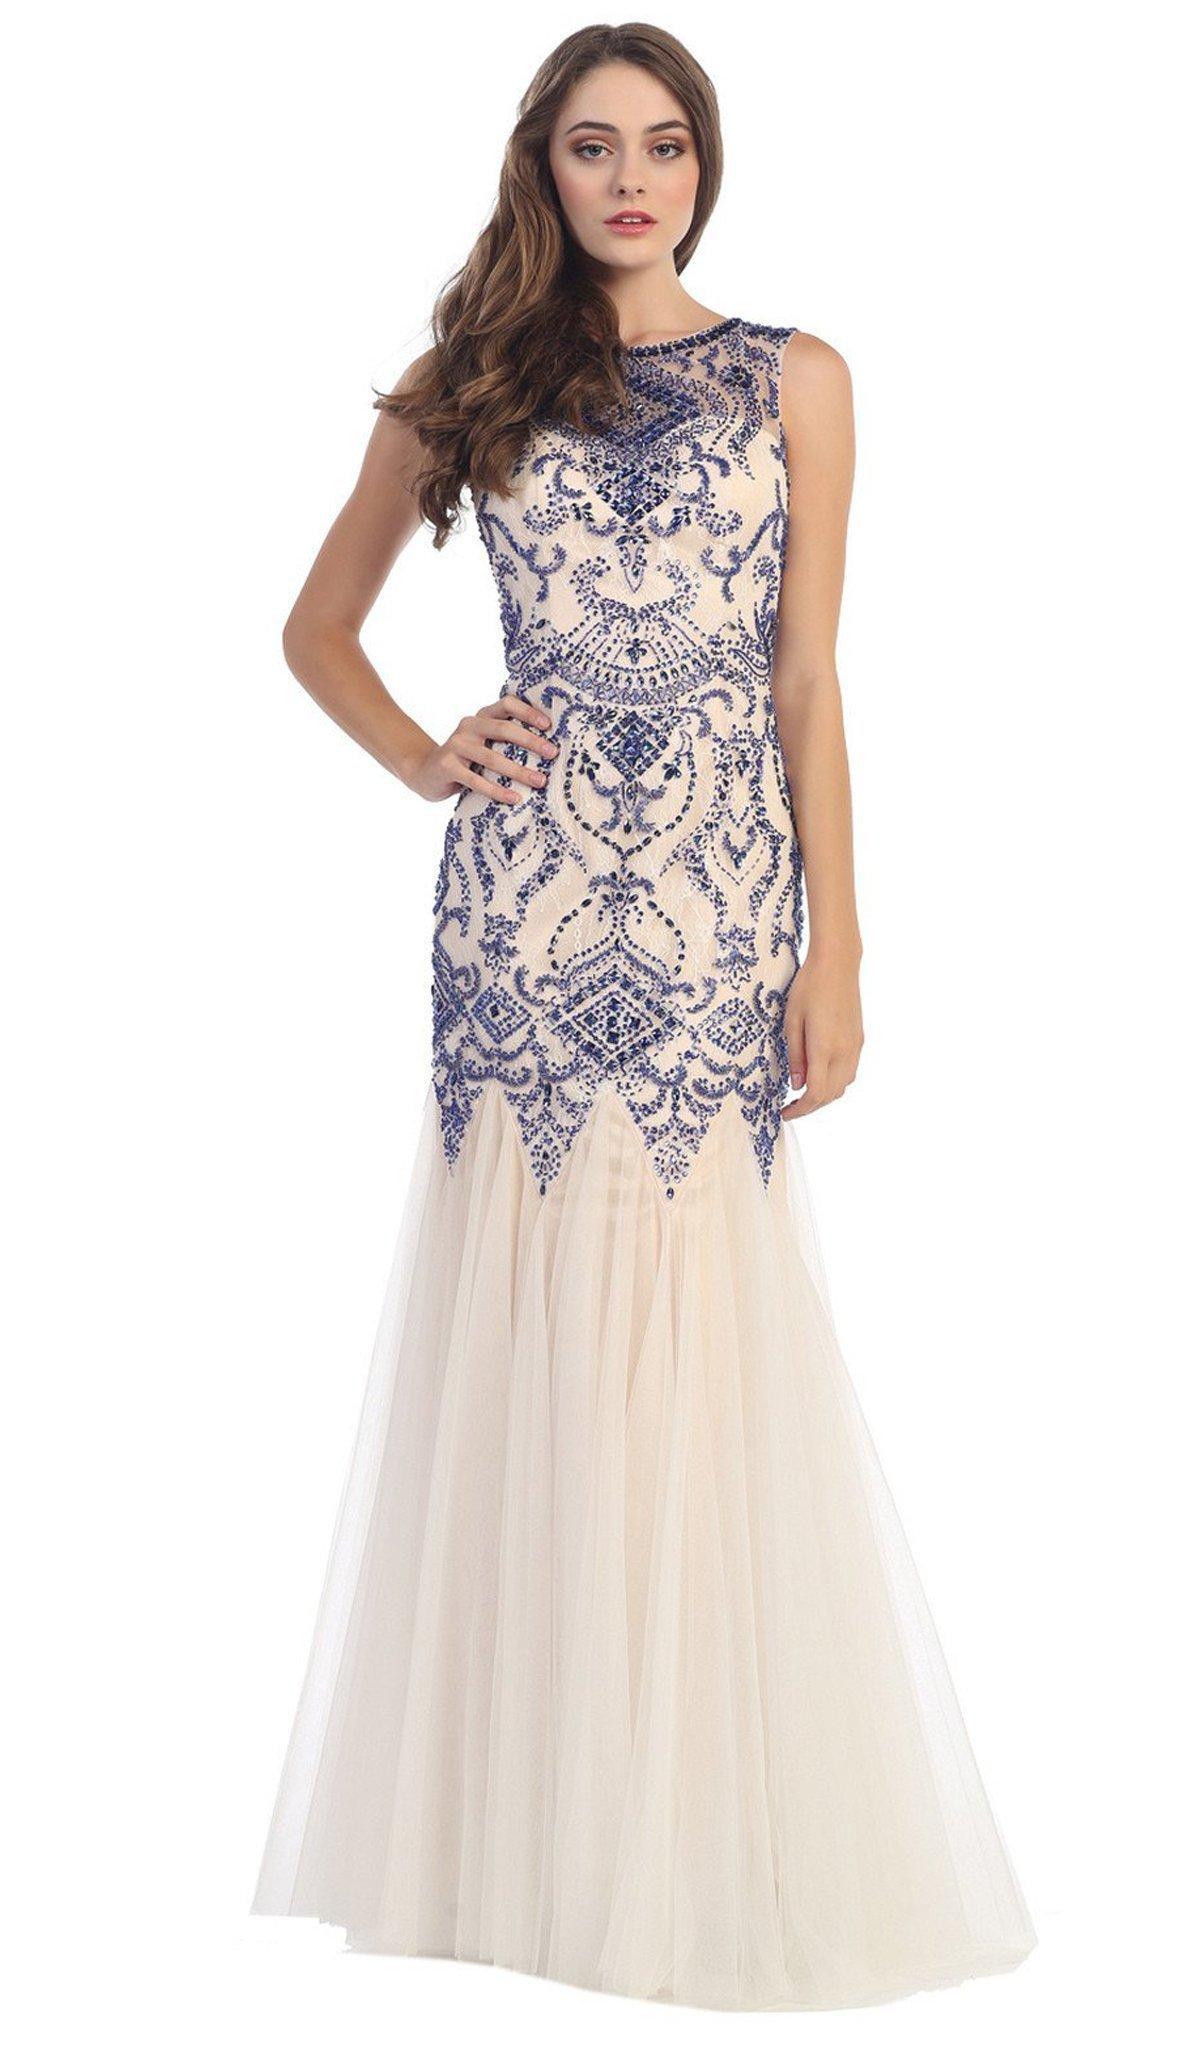 Eureka Fashion - Bateau Neck Embellished Mermaid Evening Gown